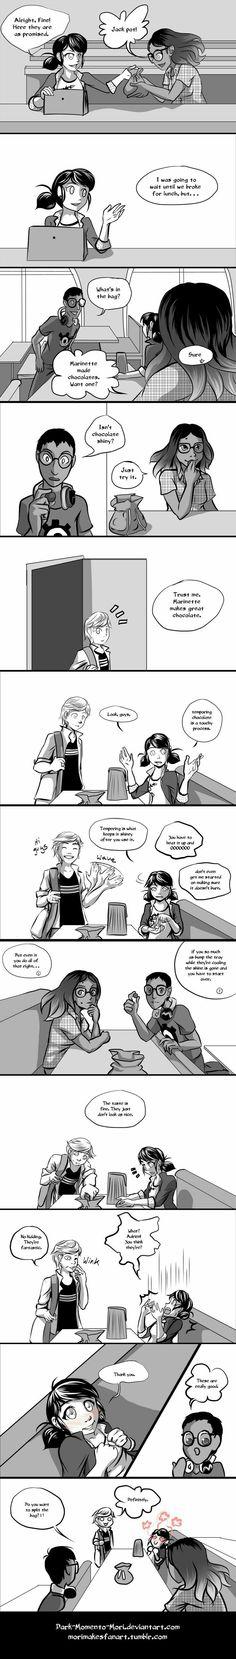 Prodigiosa: Las aventuras de Ladybug & Chat Noir                          Cómic ''Valentine's Day''                            Part 2     (Créditos a quien corresponda)